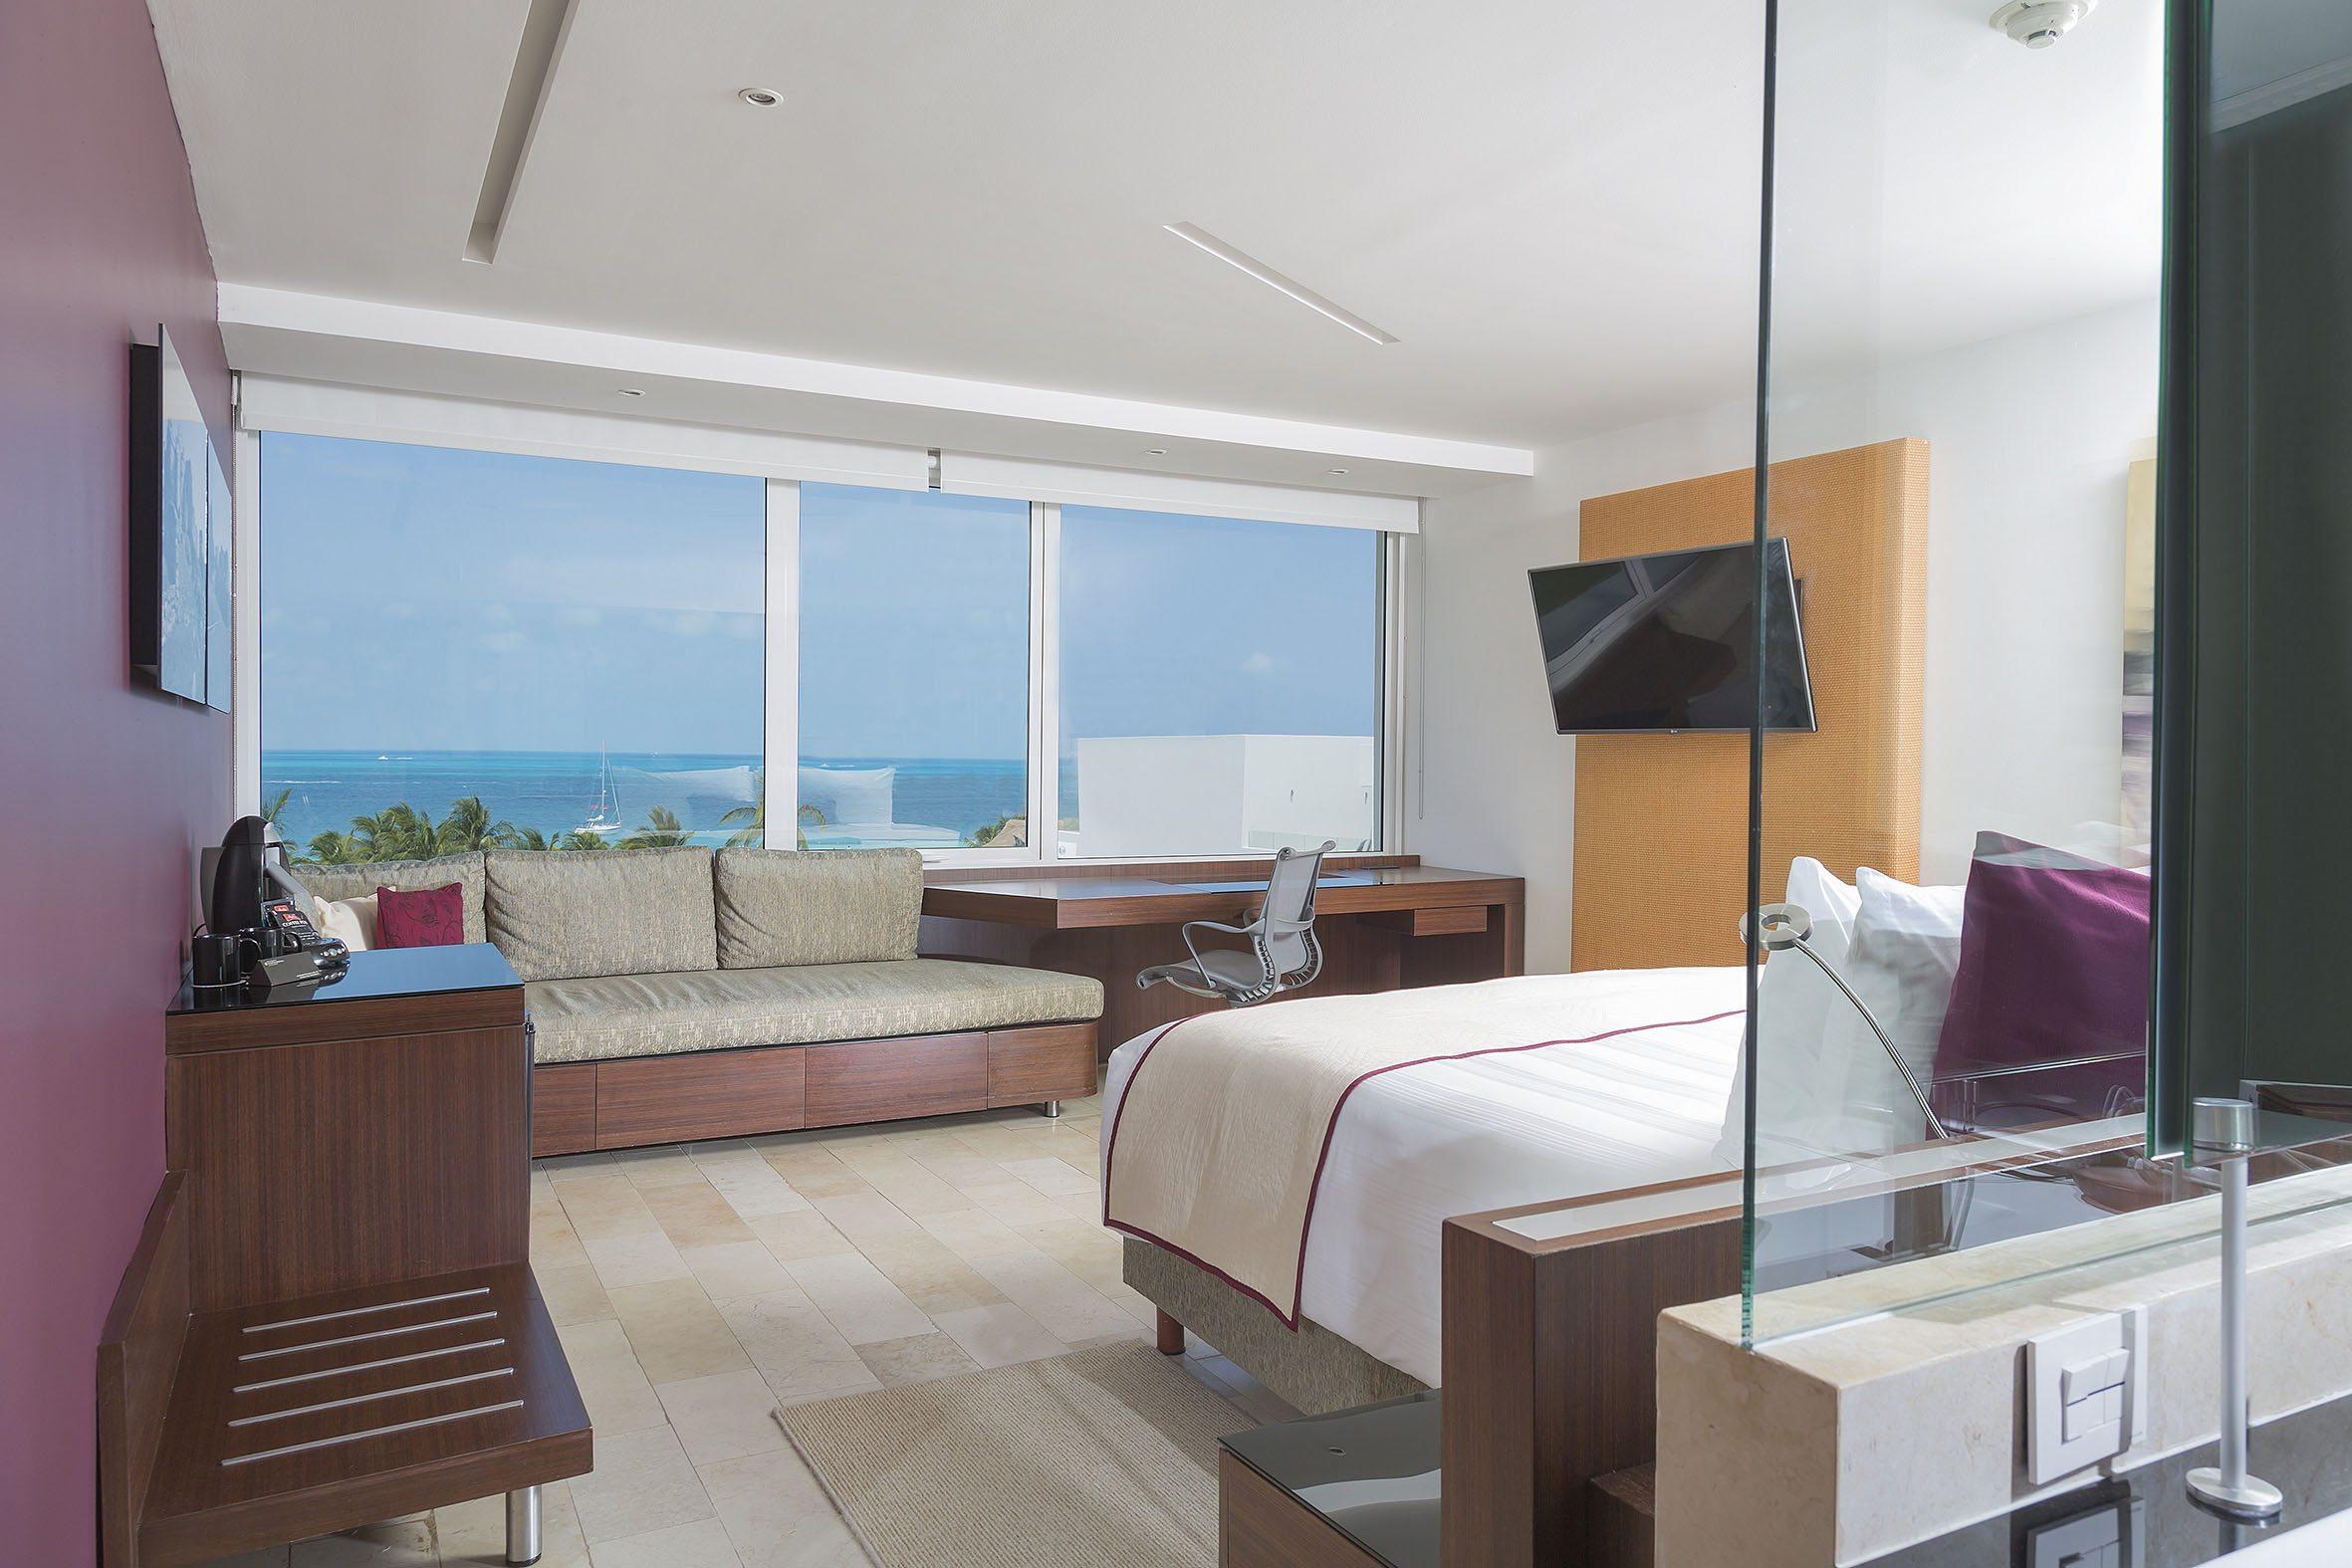 Habitación con vista a la playa